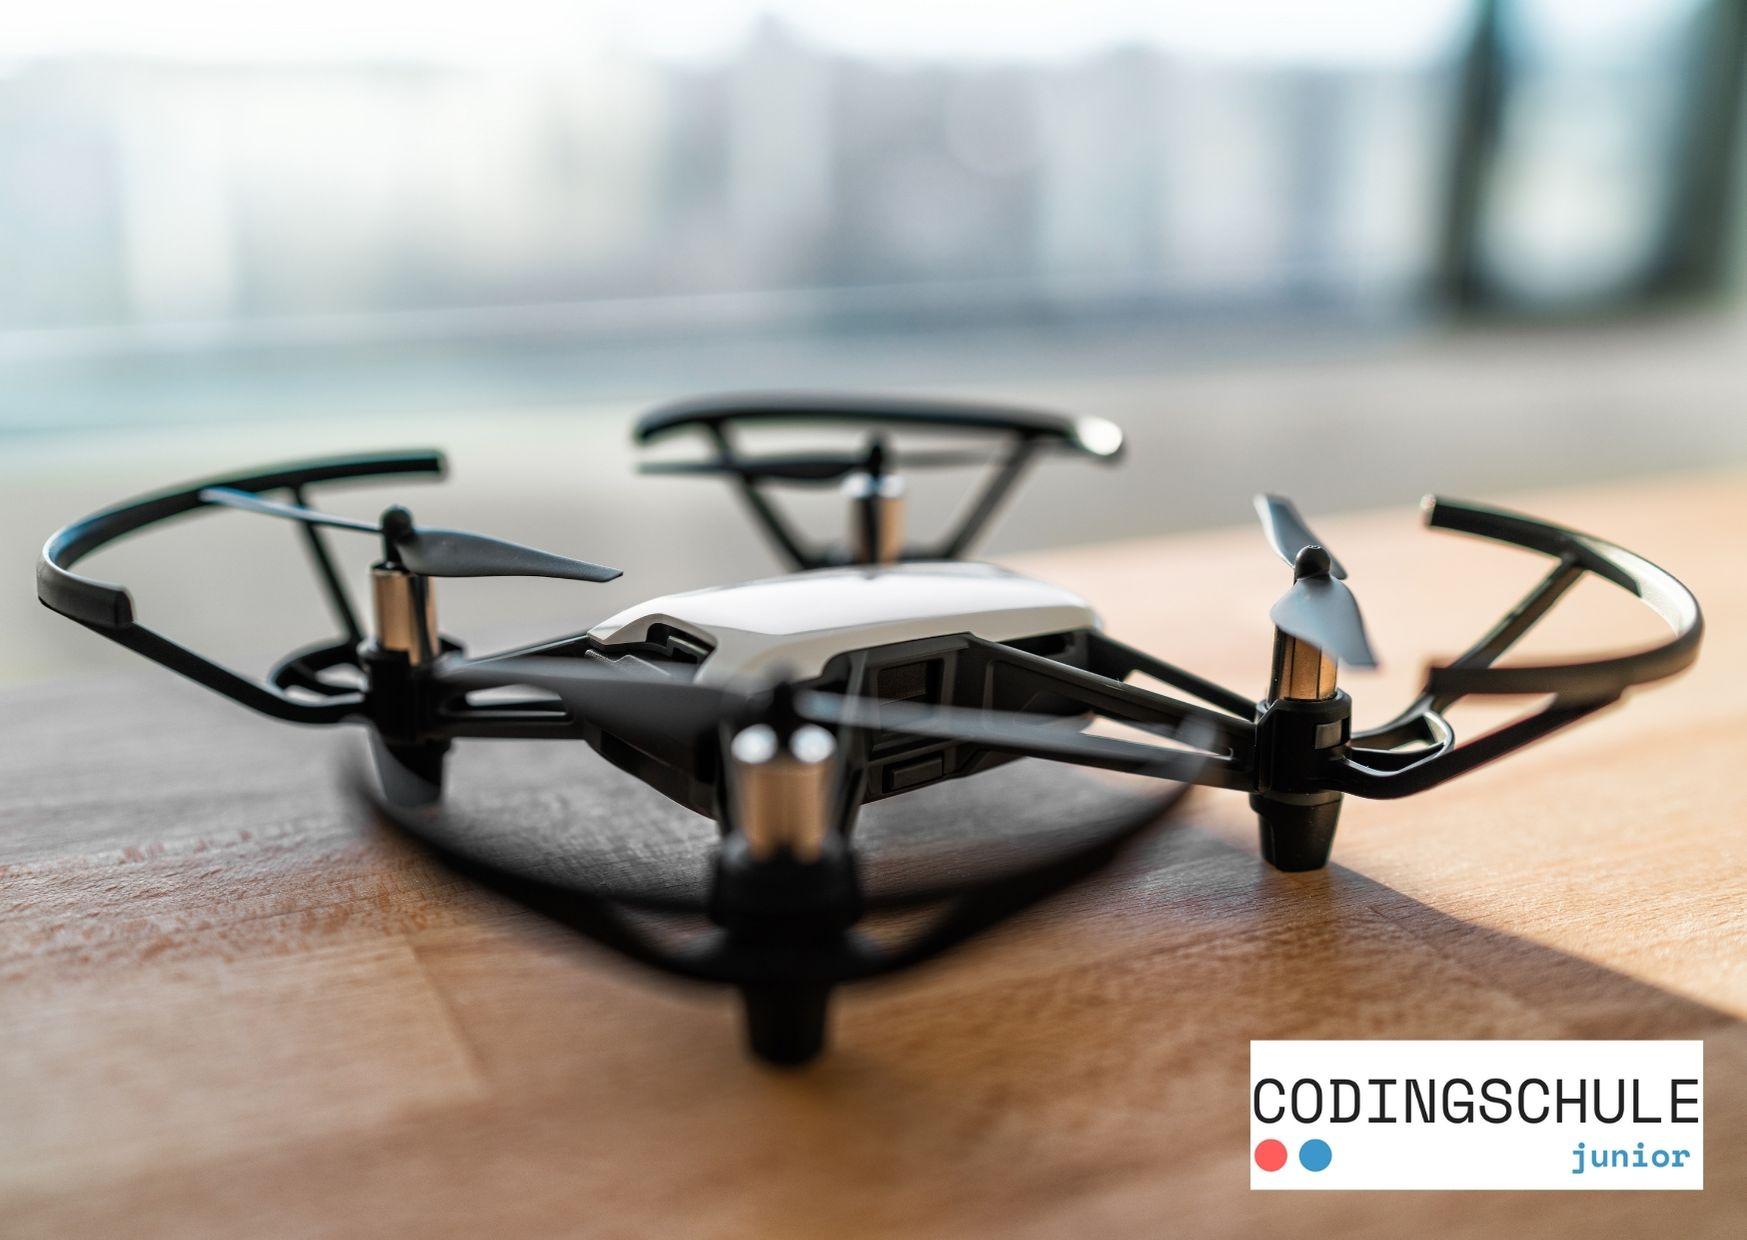 https://www.mint-machen.de/wp-content/uploads/2021/08/CCP-Drohnen.jpg